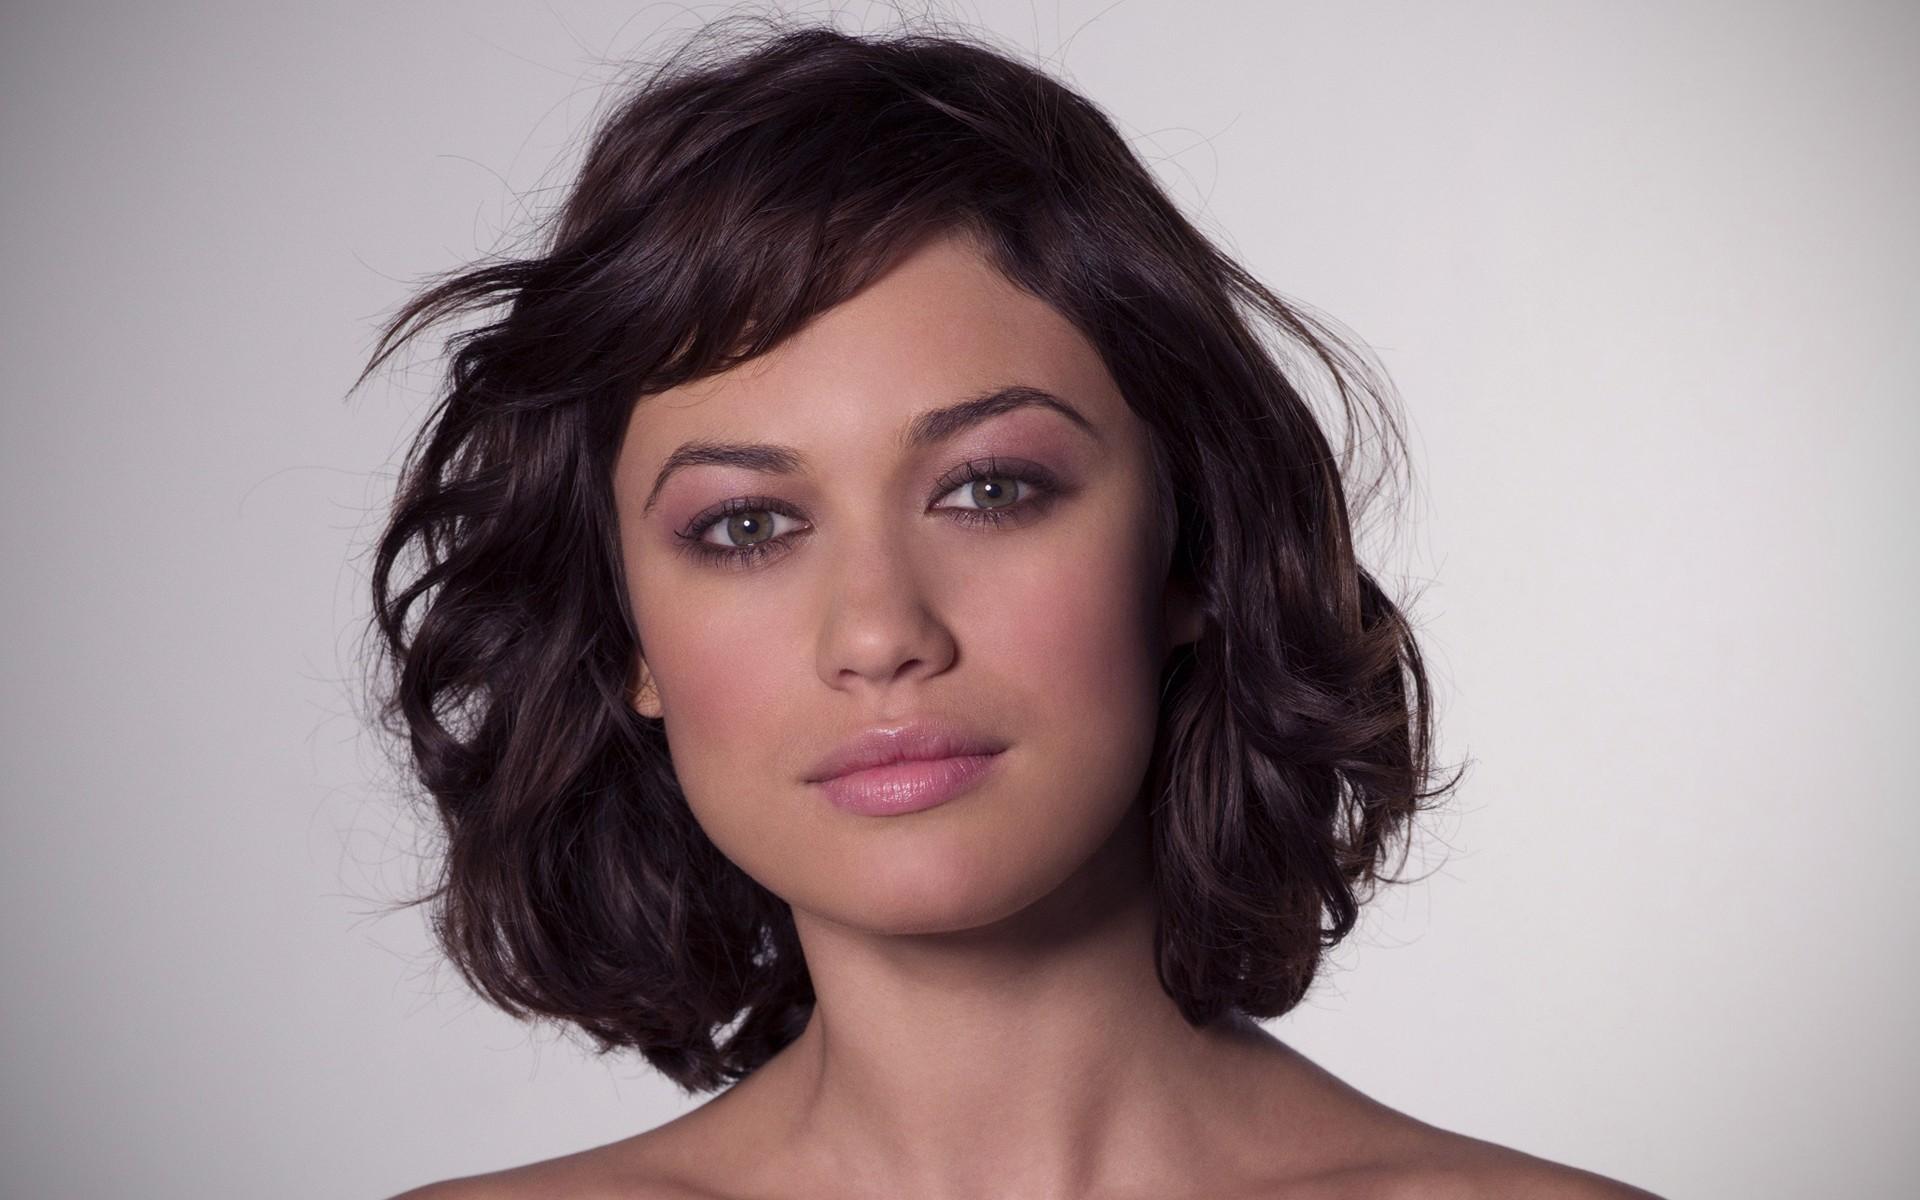 Фото женщин 30 лет, Красивые женщины, которым немного за 30 лет(15 фото) 11 фотография